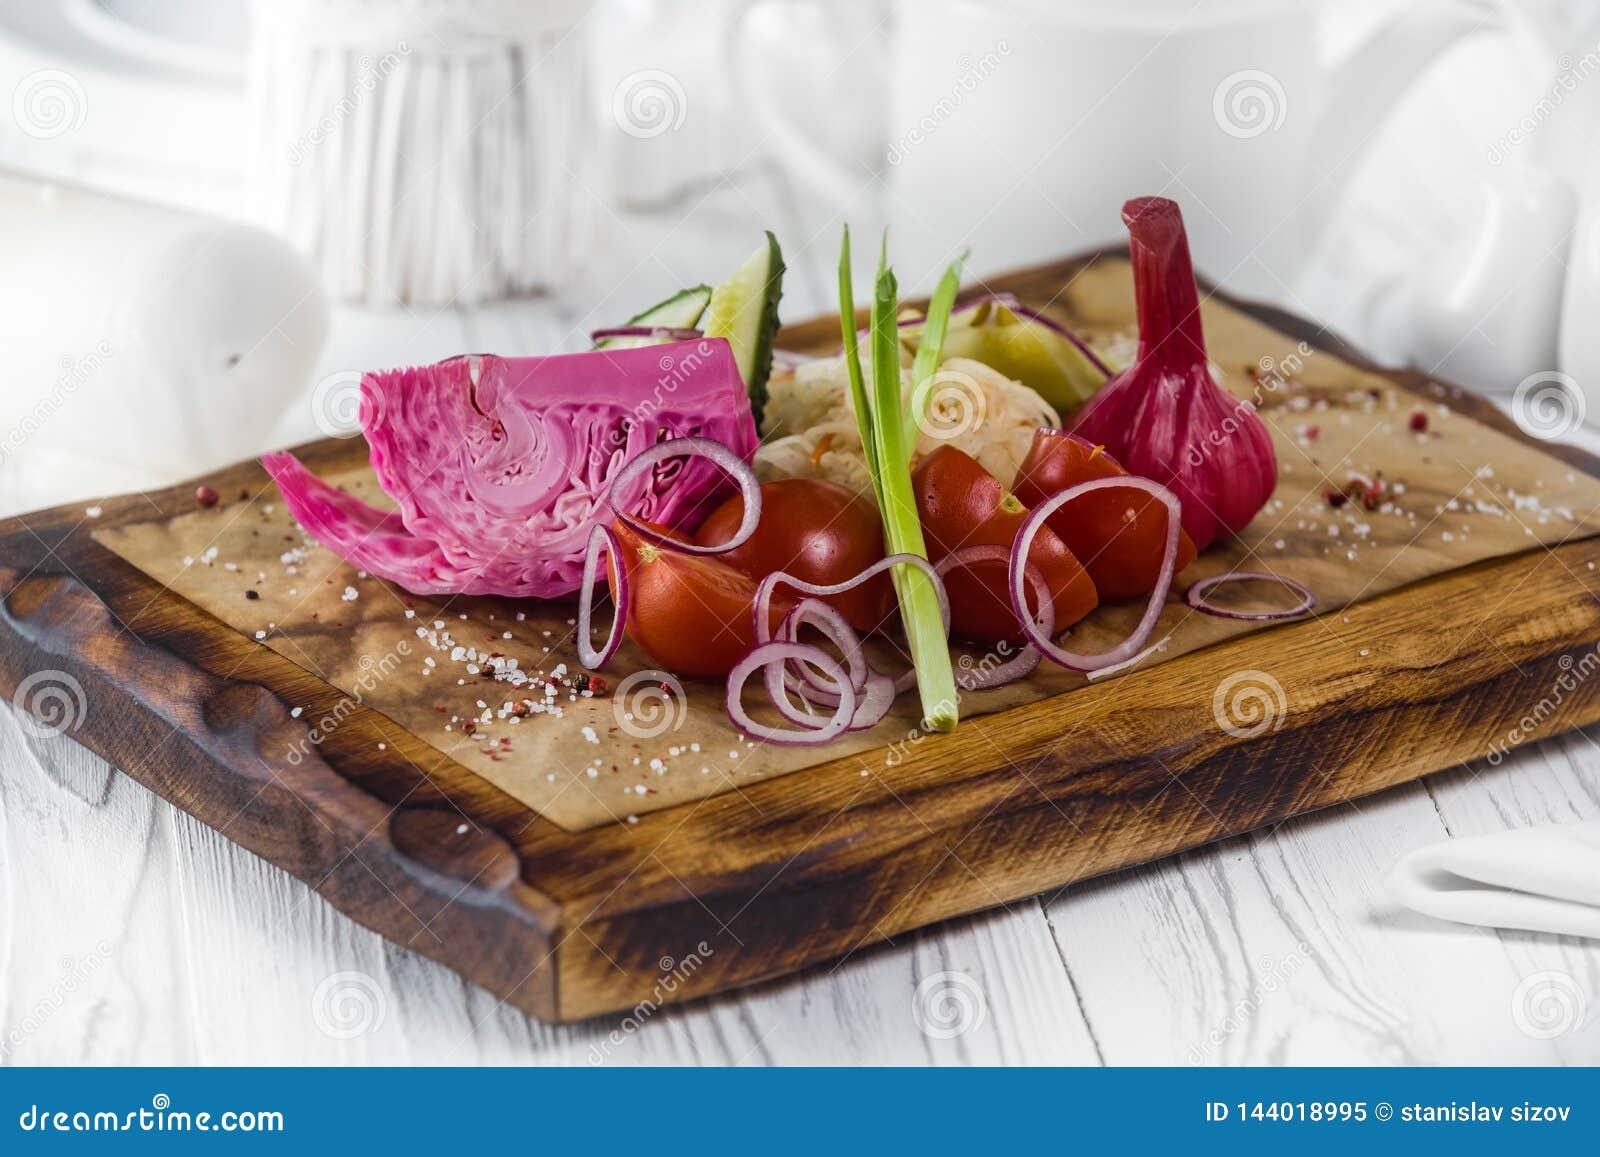 Tomater, vitlök och lök Olika nya och inlagda grönsaker på ett bräde